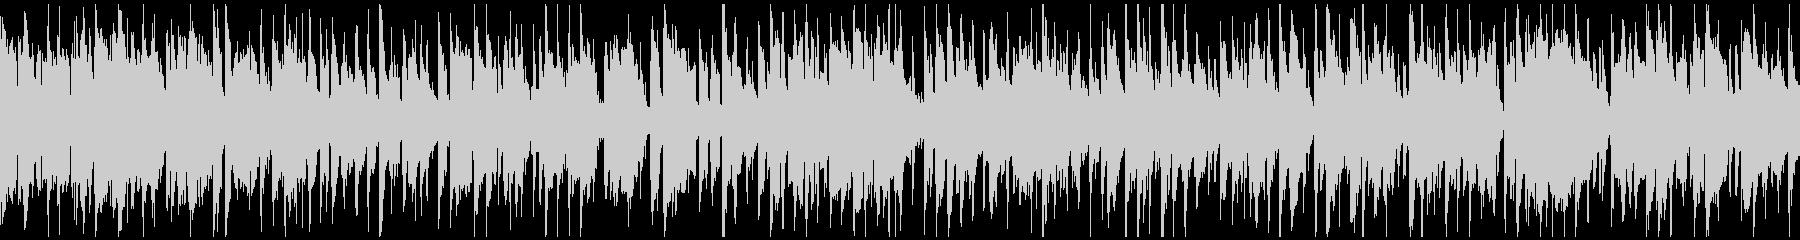 スタイリッシュなクラブジャズ ※ループ版の未再生の波形